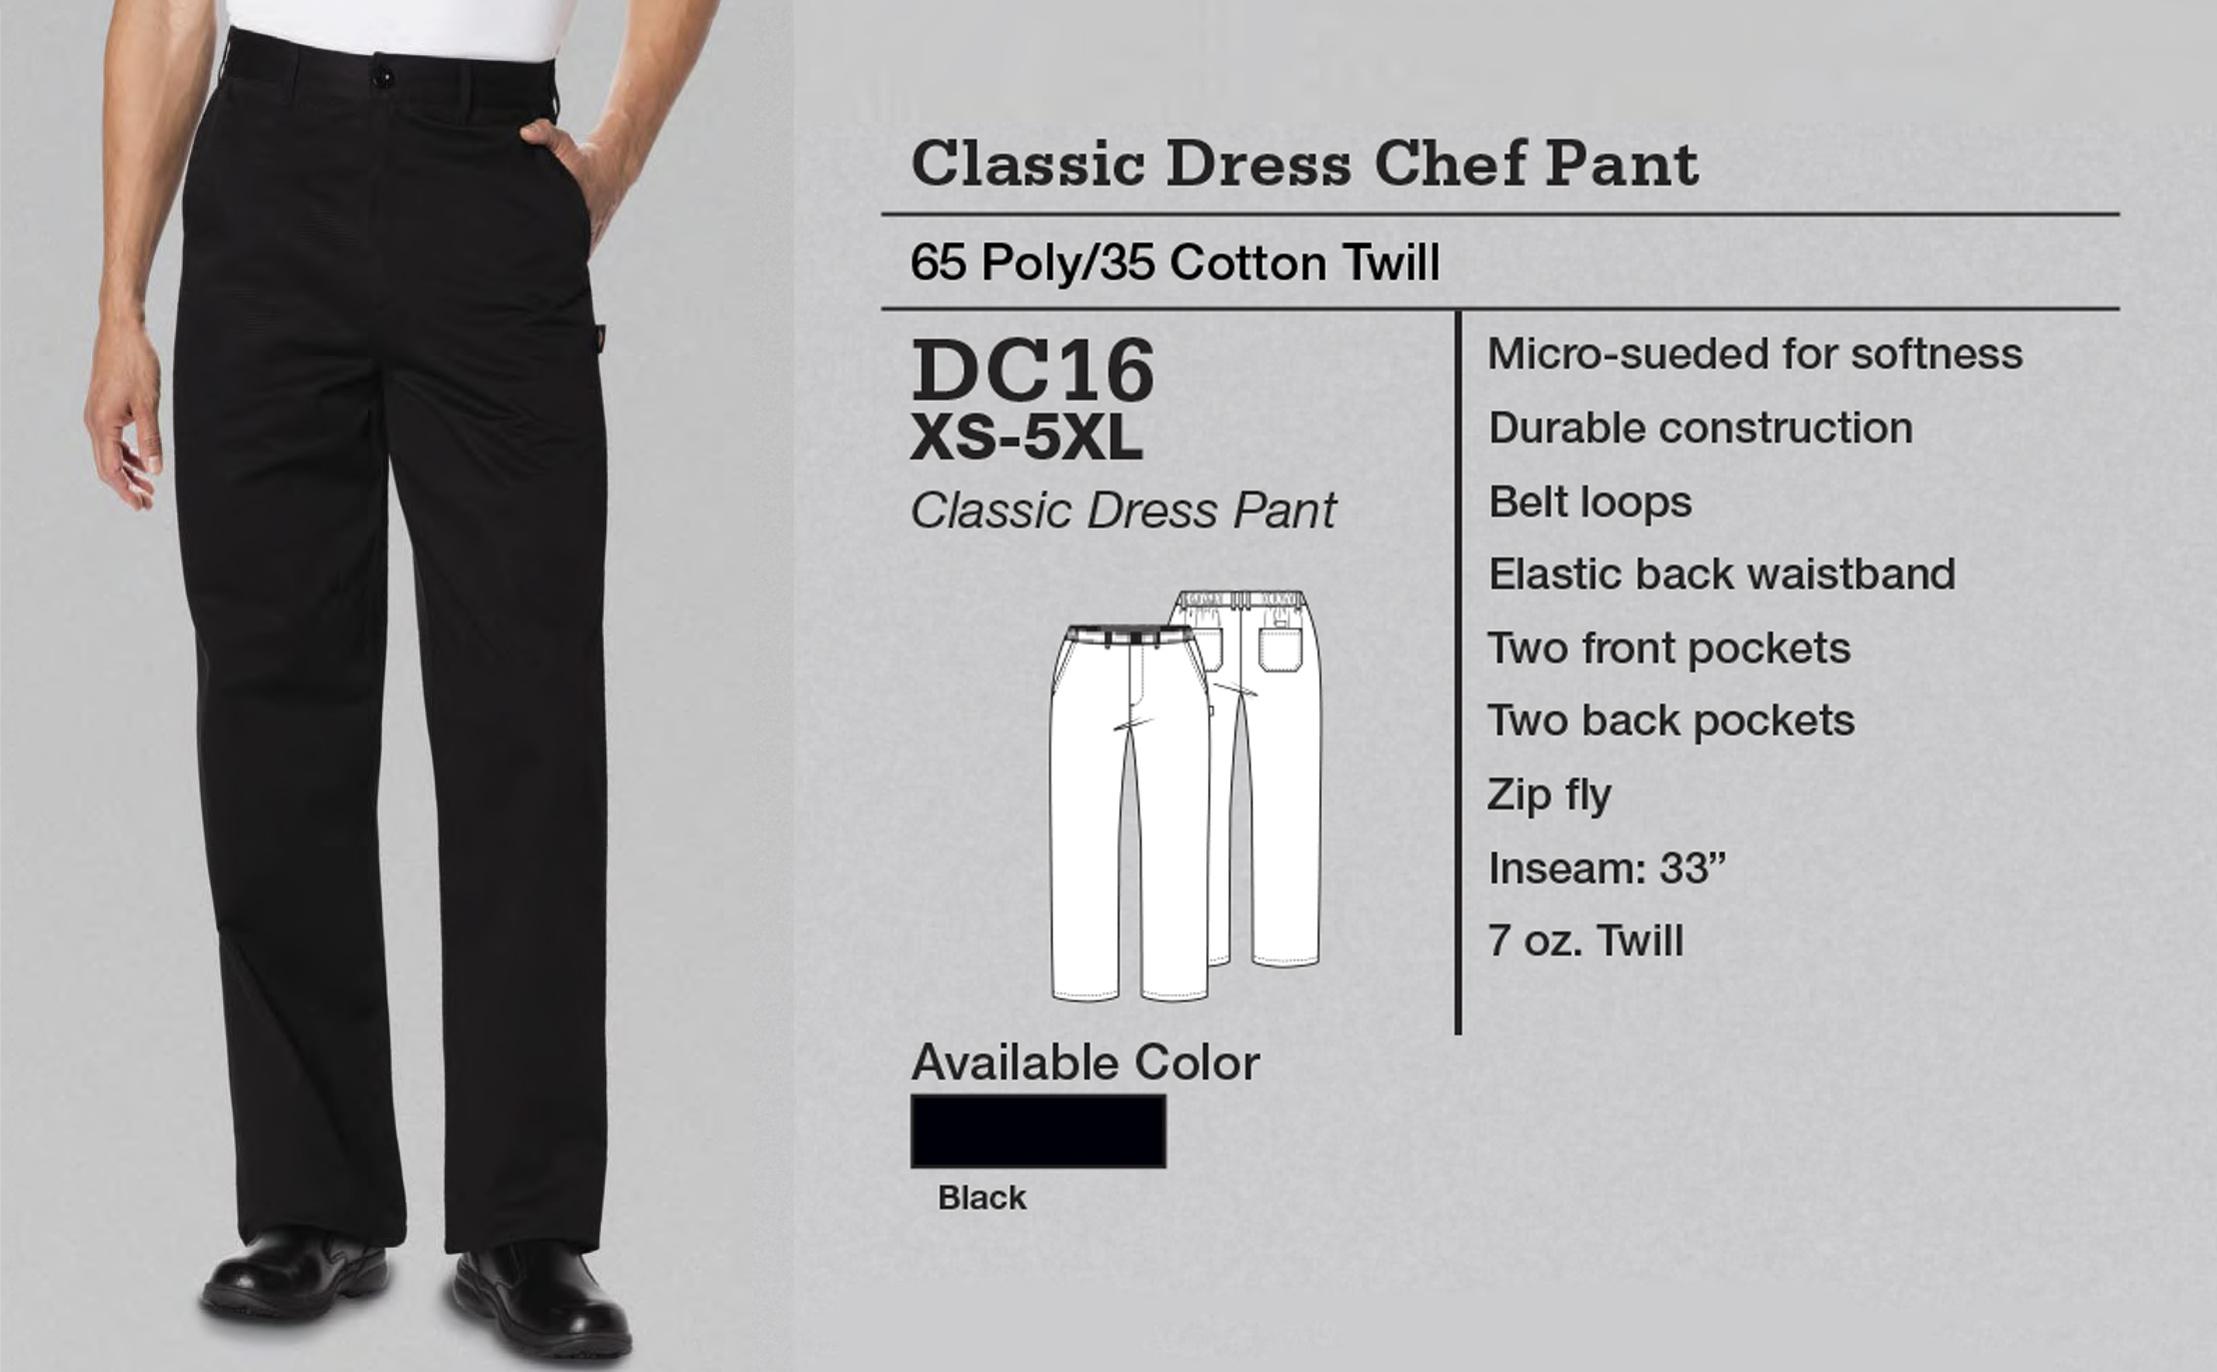 Pantalón de Chef Indumentaria Clásica. DC16.